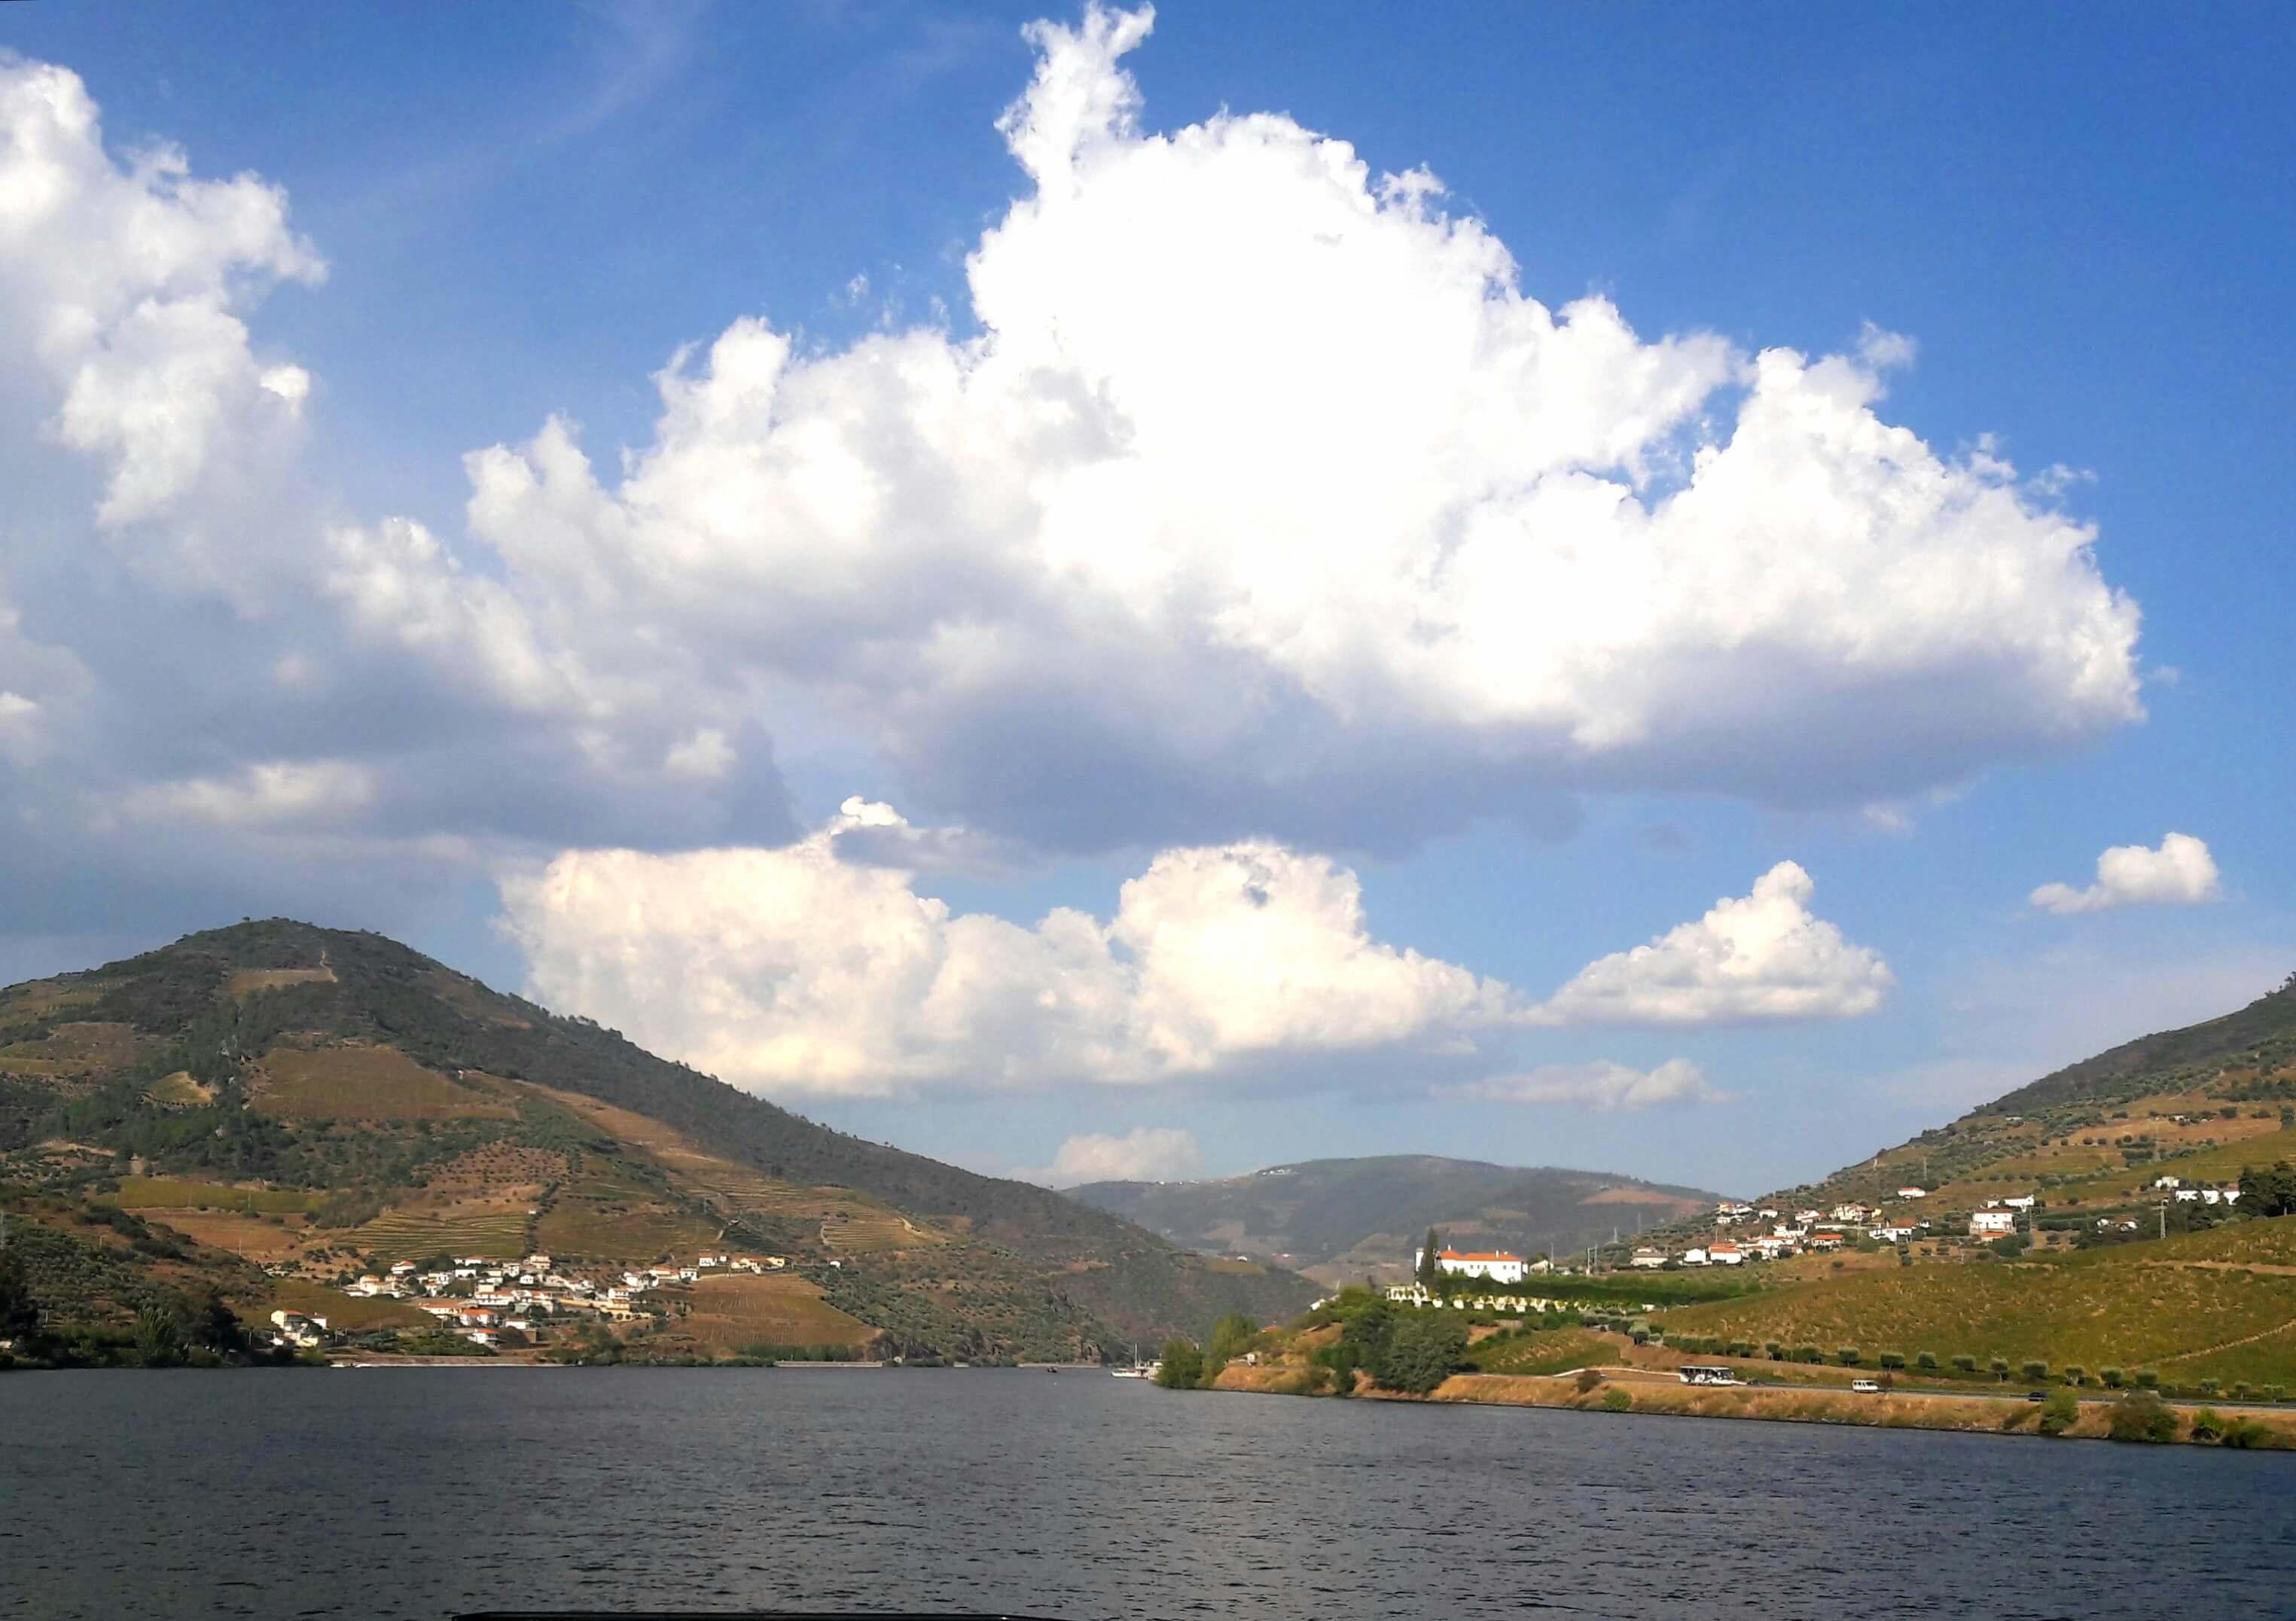 A tranquilidade do Rio Douro numa paisagem belíssima